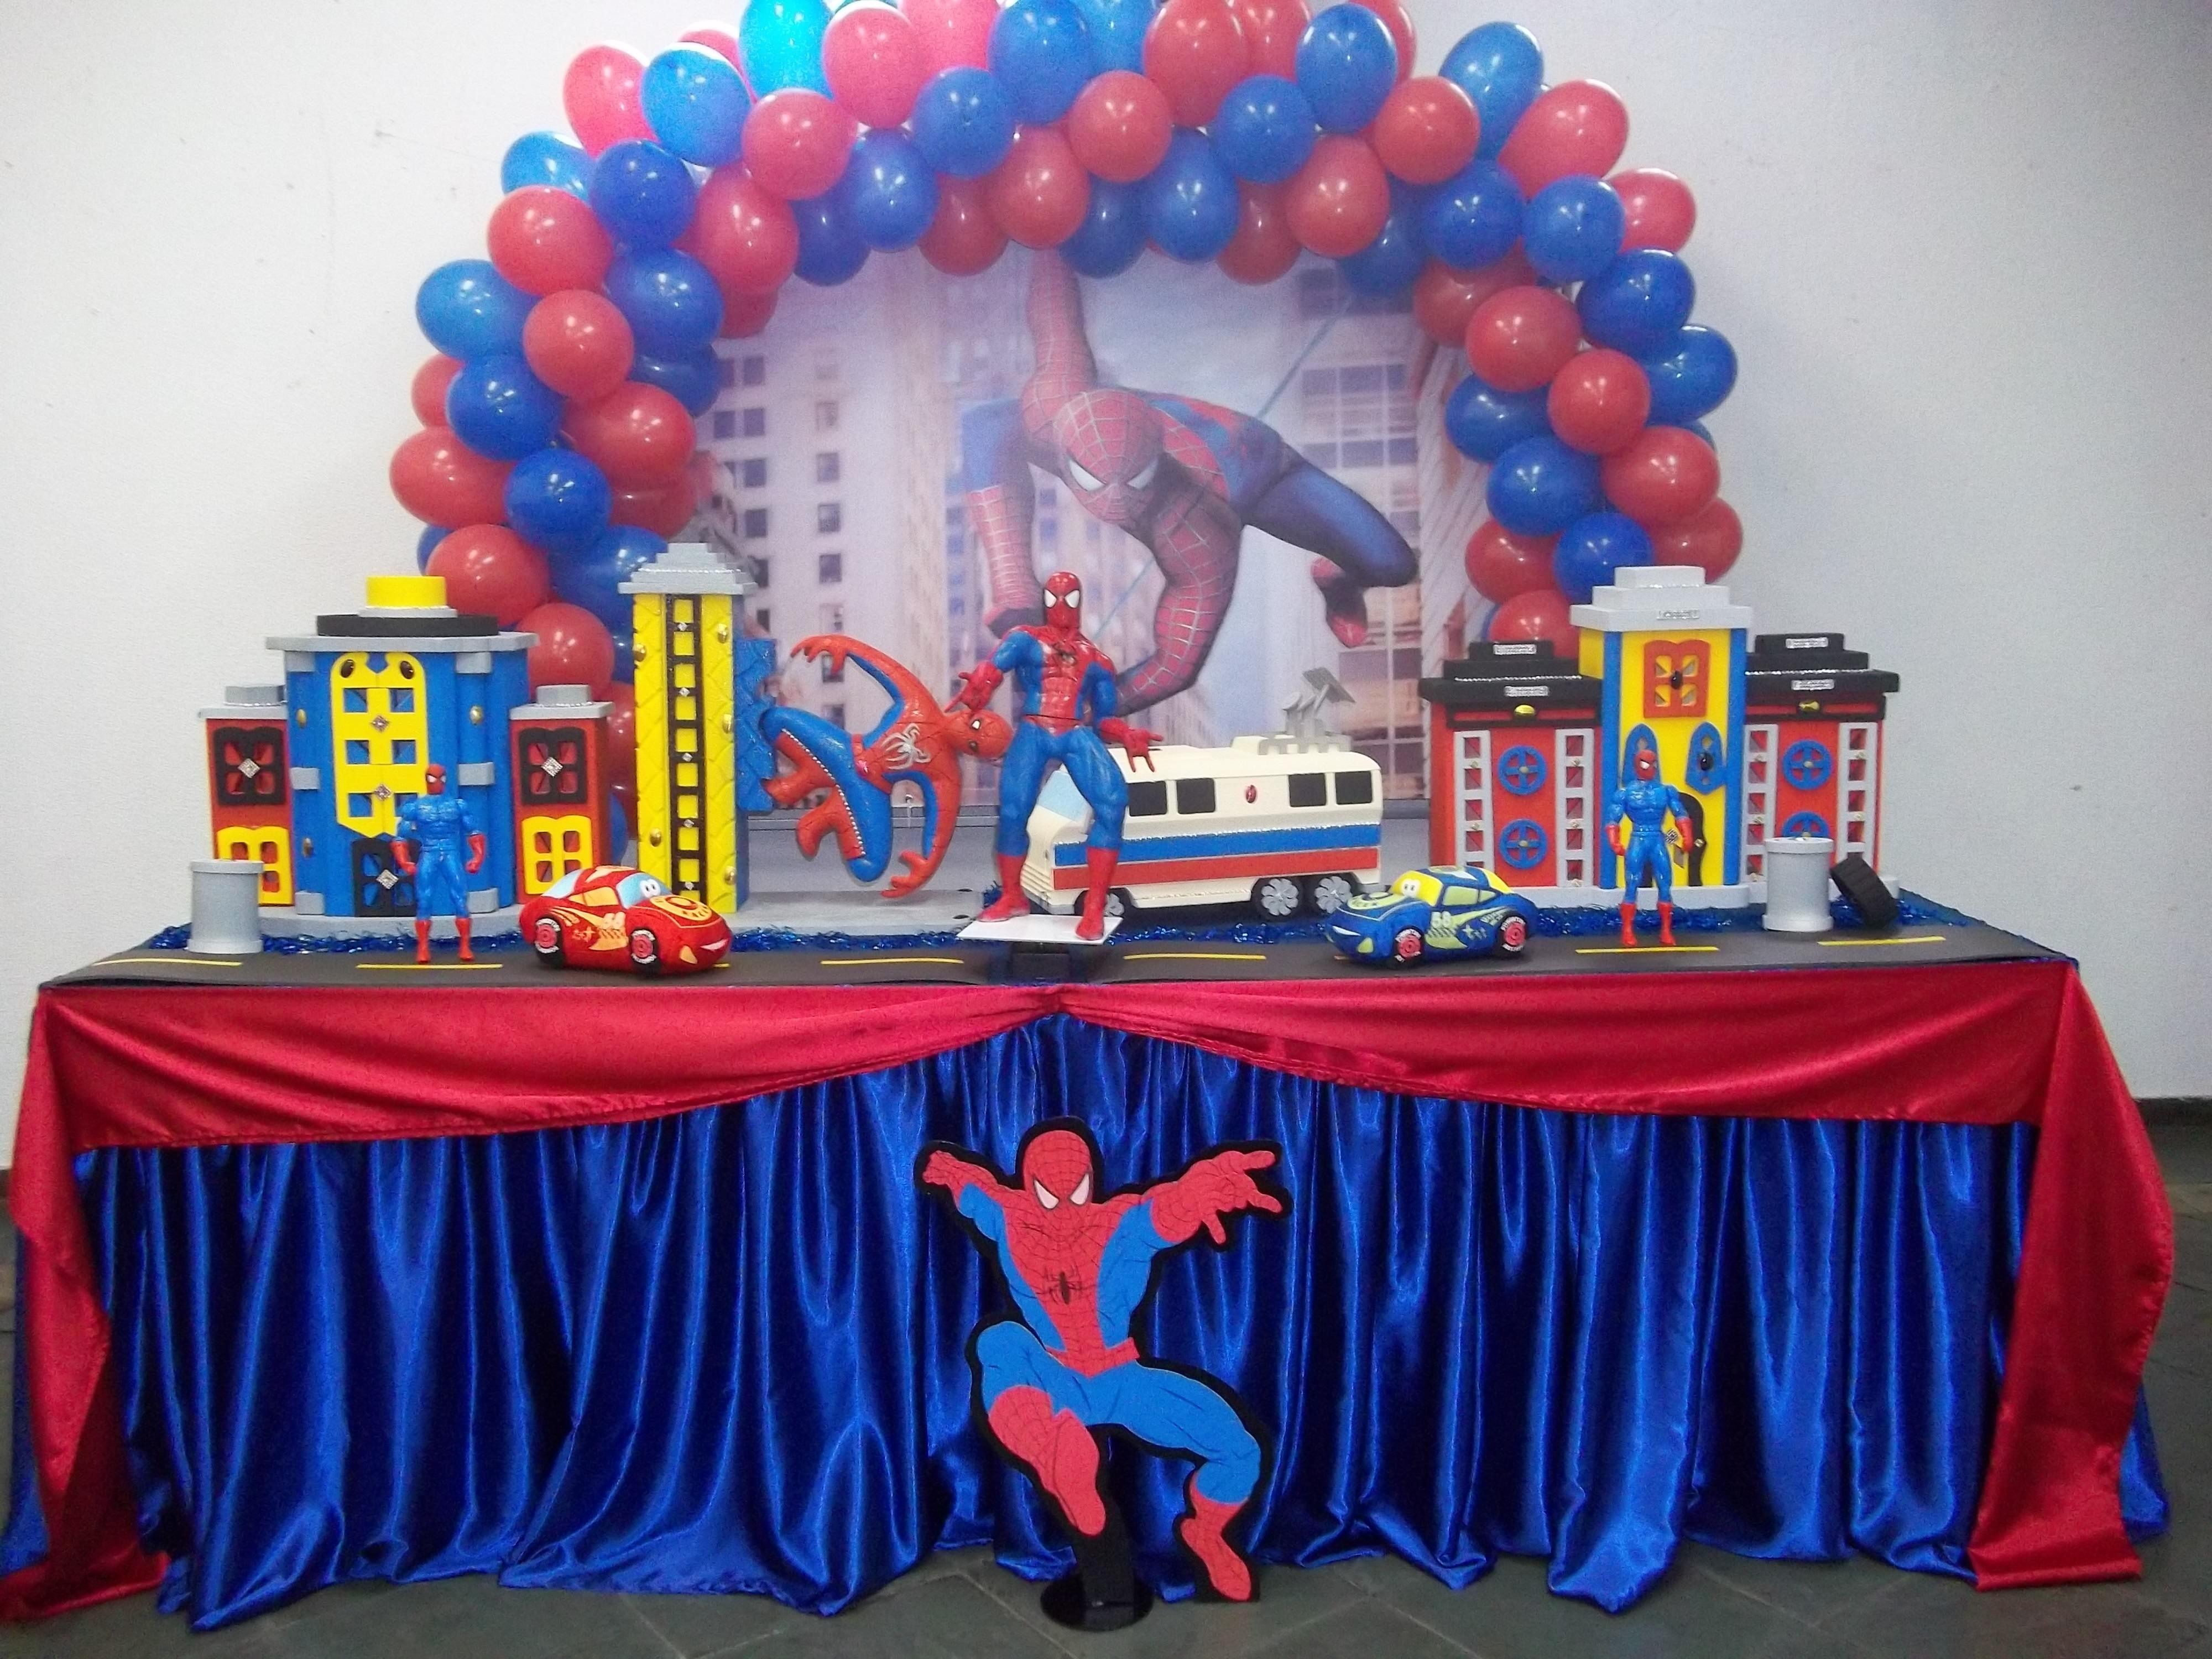 Arco De Baloes Para Todos Os Tipos De Festa Arco Redondo 3m De Largura